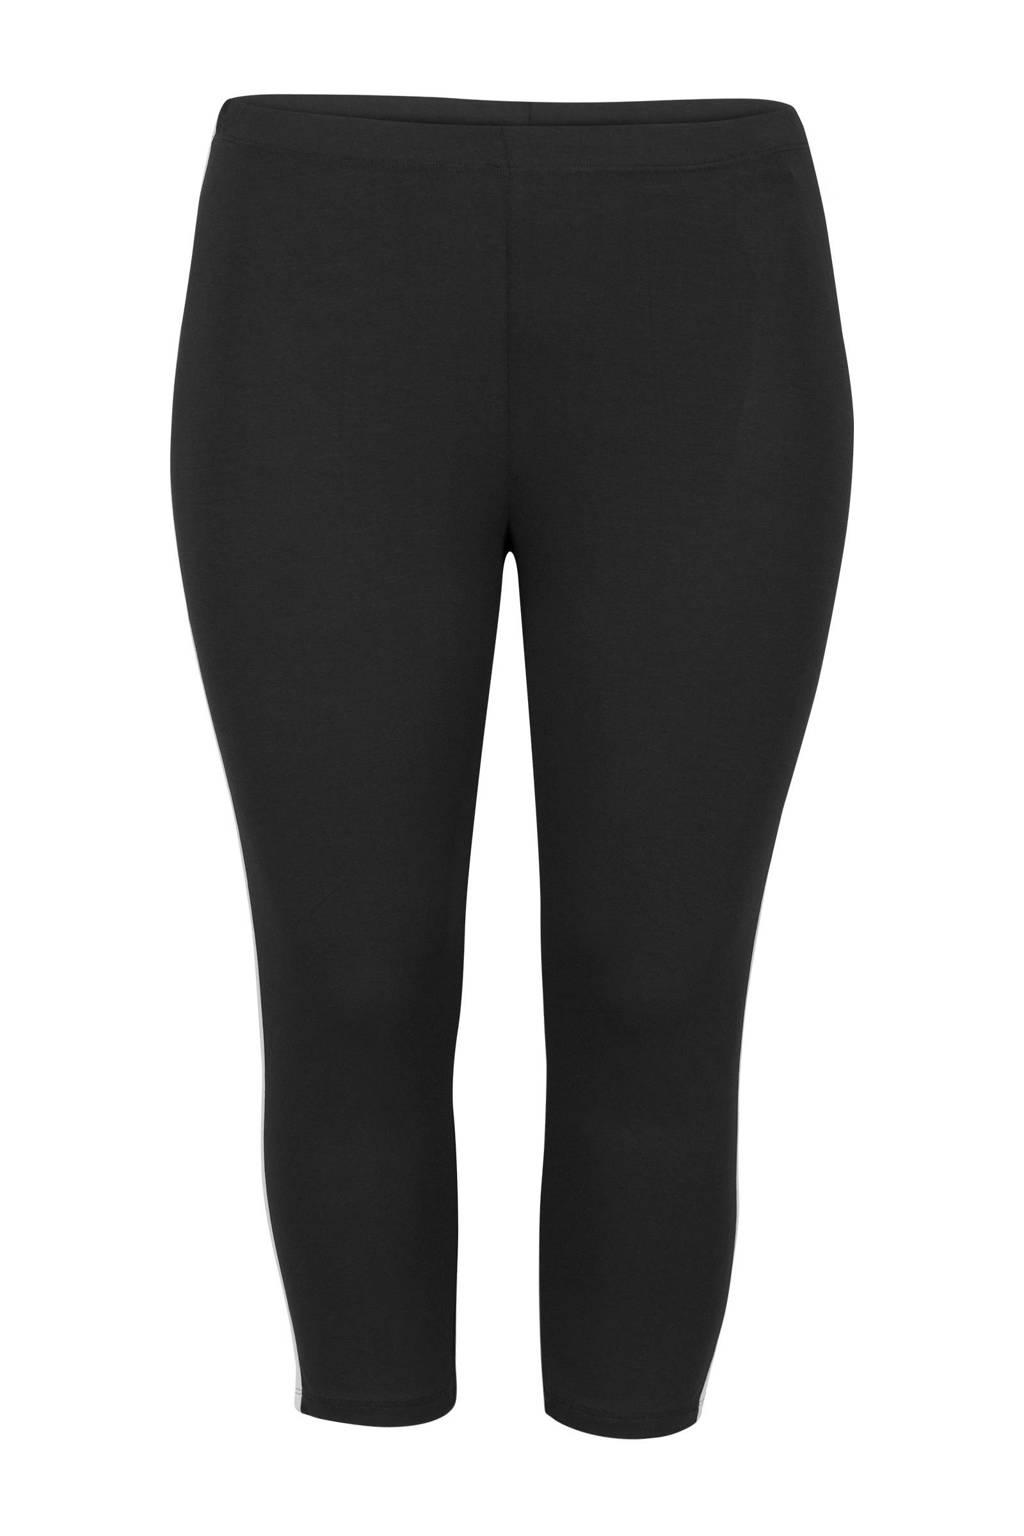 Miss Etam Plus legging met zijstreep zwart, Zwart